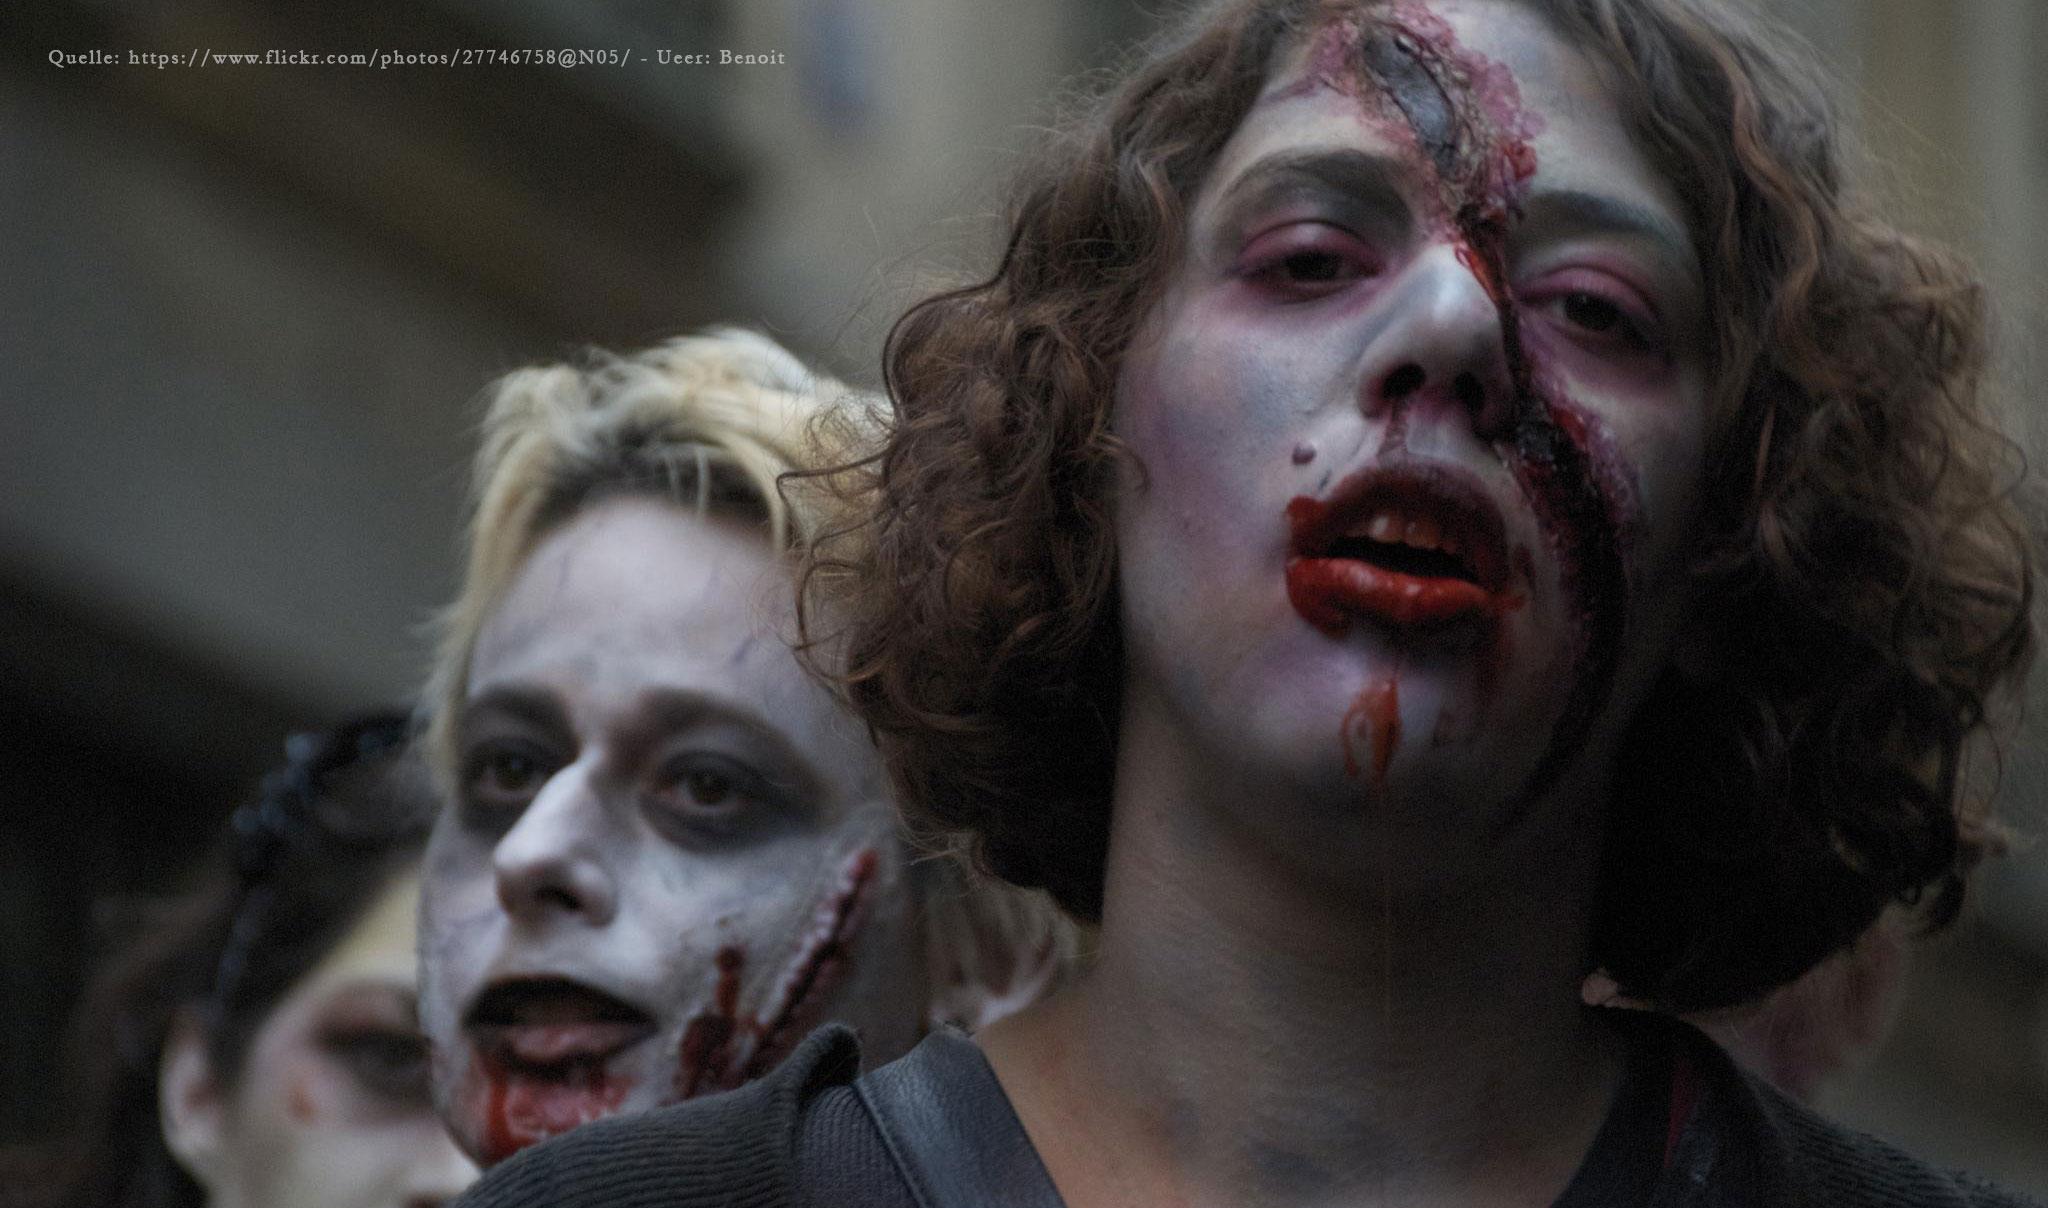 Das etwas andere Konzert: Zombie Halloween am 30.10.19